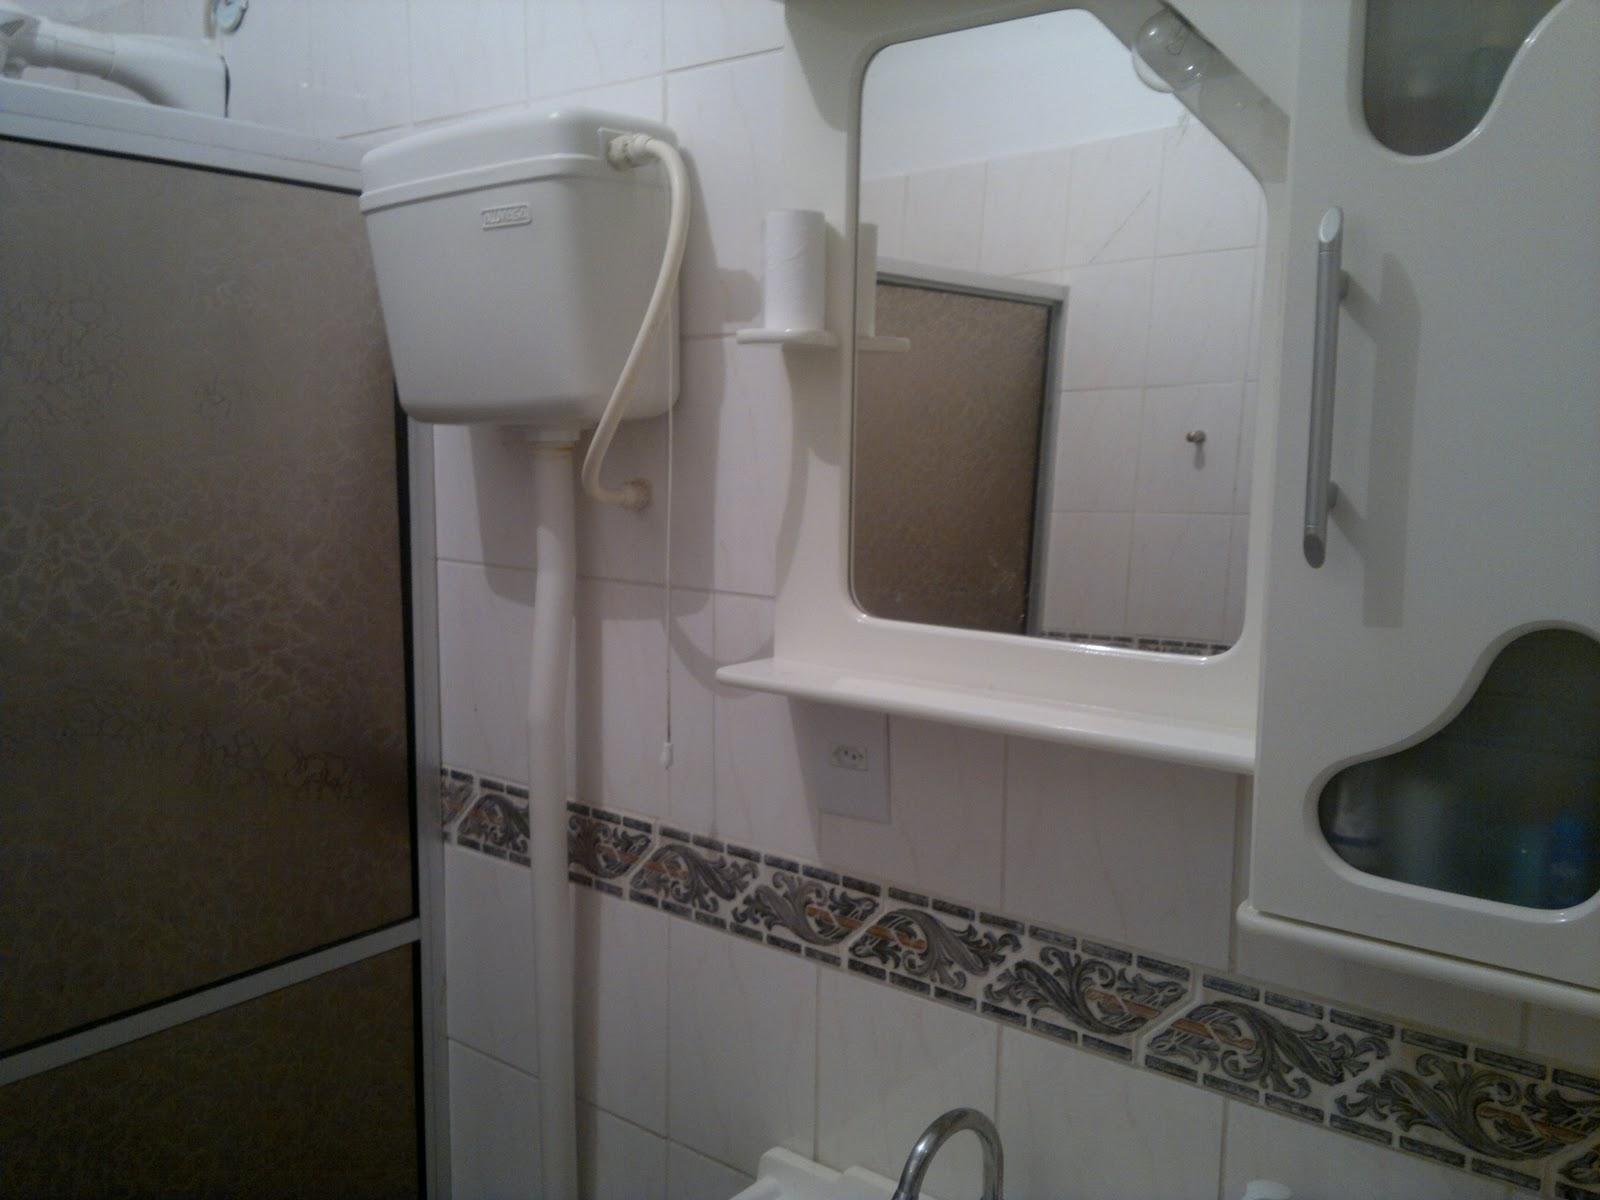 Banheiro todo em azulejo piso frio louças em perfeito estado teto  #595149 1600 1200